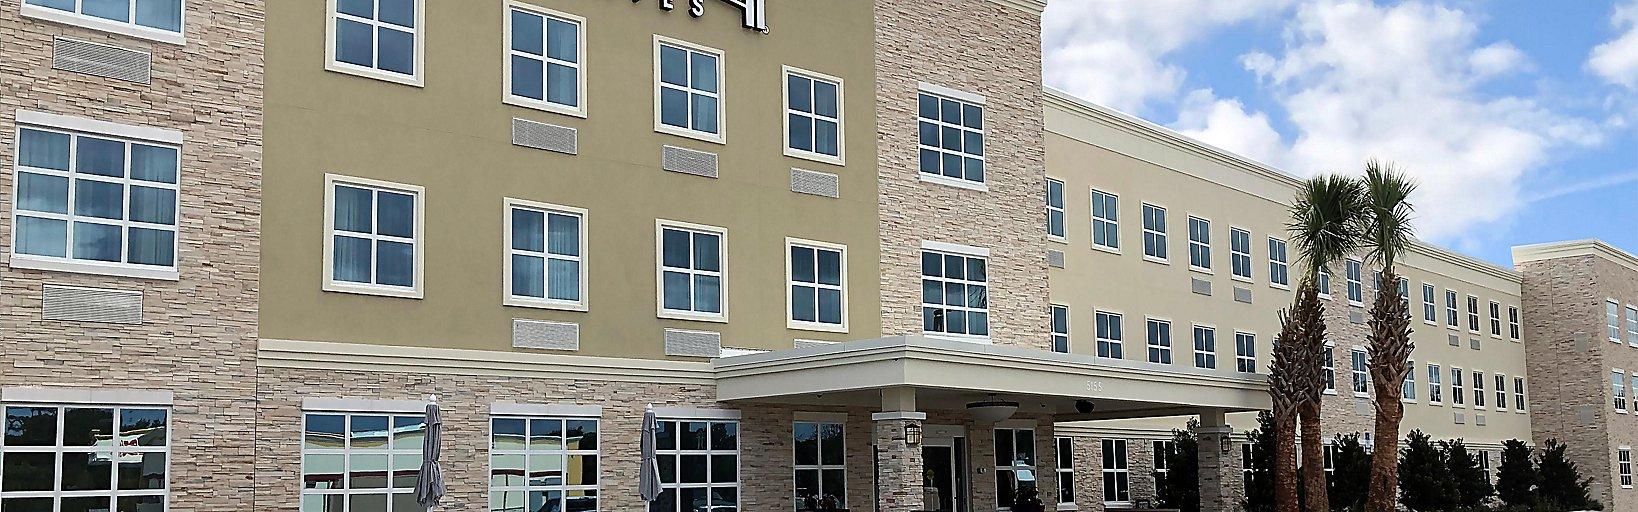 Staybridge Suites Vero Beach 預訂您